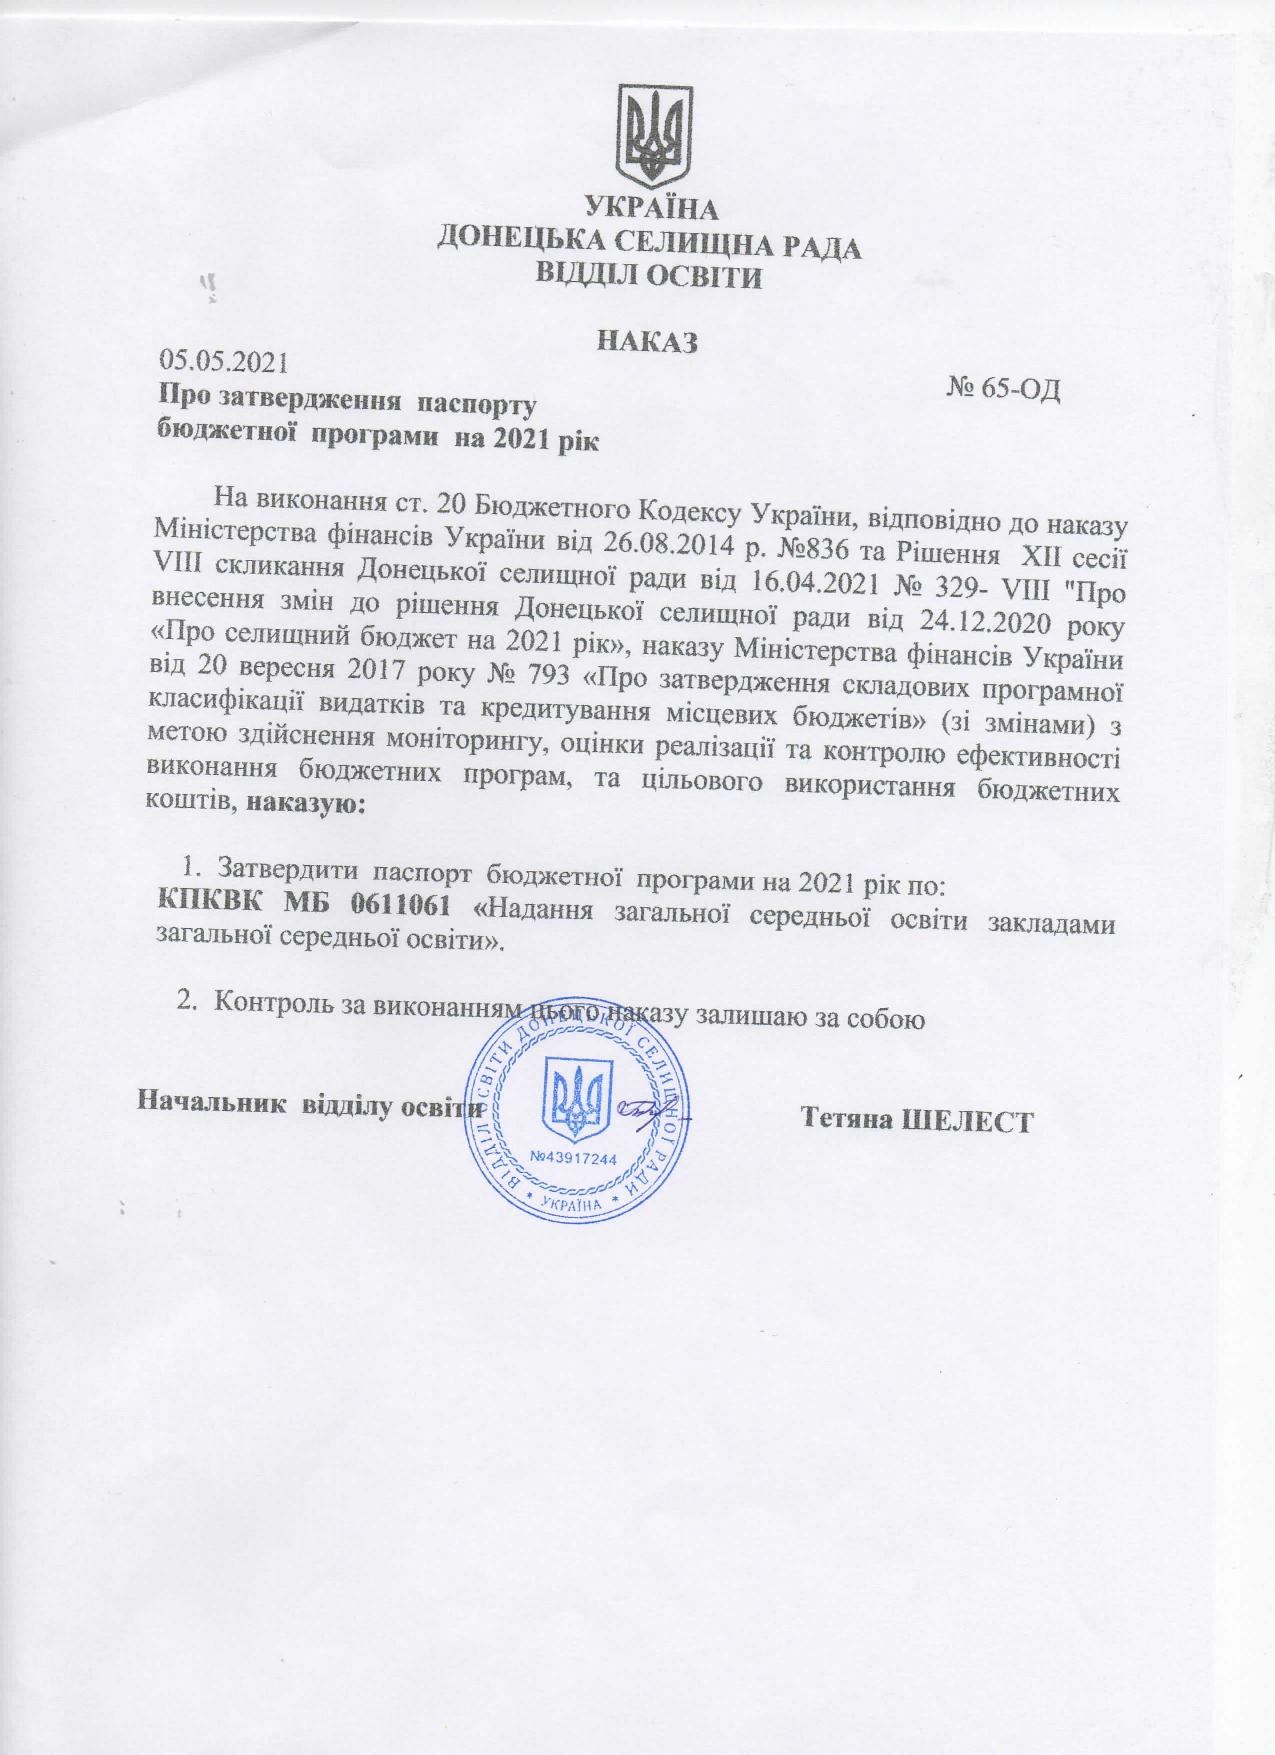 Наказ №65-ОД Про затвердження паспорту бюджетної програми на 2021 рік та ПАСПОРТ бюджетної програми